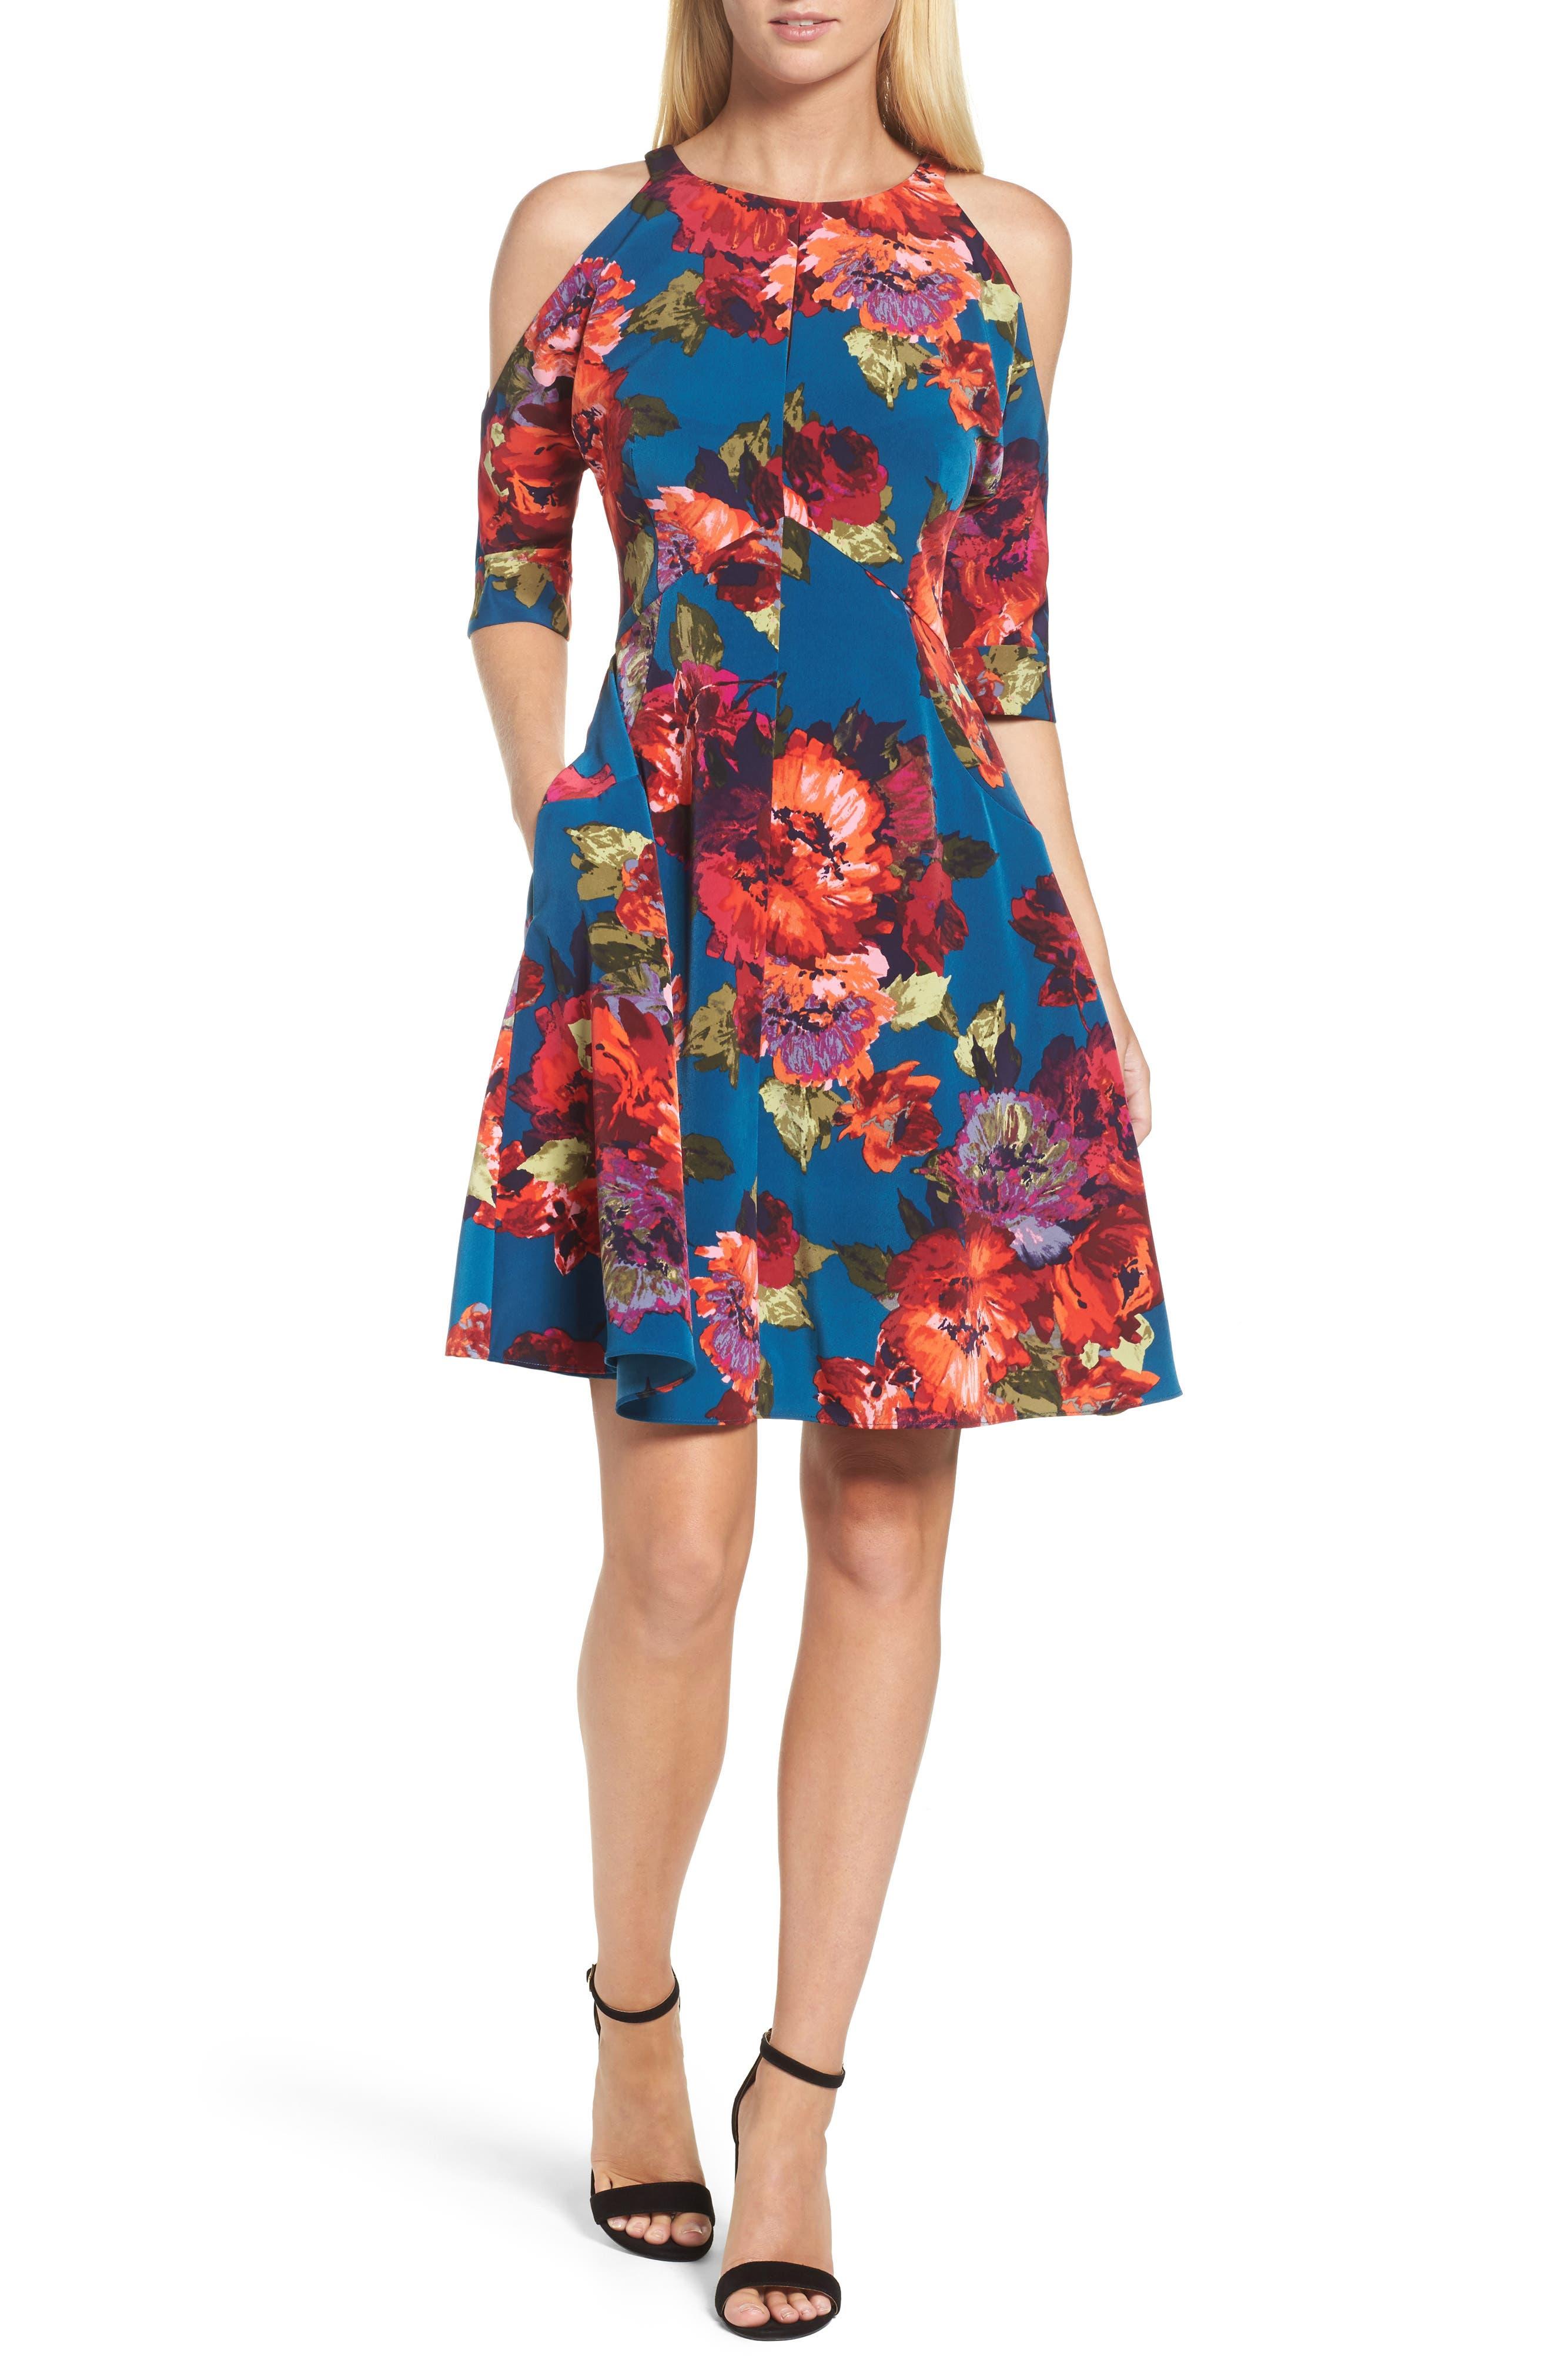 Alternate Image 1 Selected - Maggy London Cold Shoulder Fit & Flare Dress (Regular & Petite)